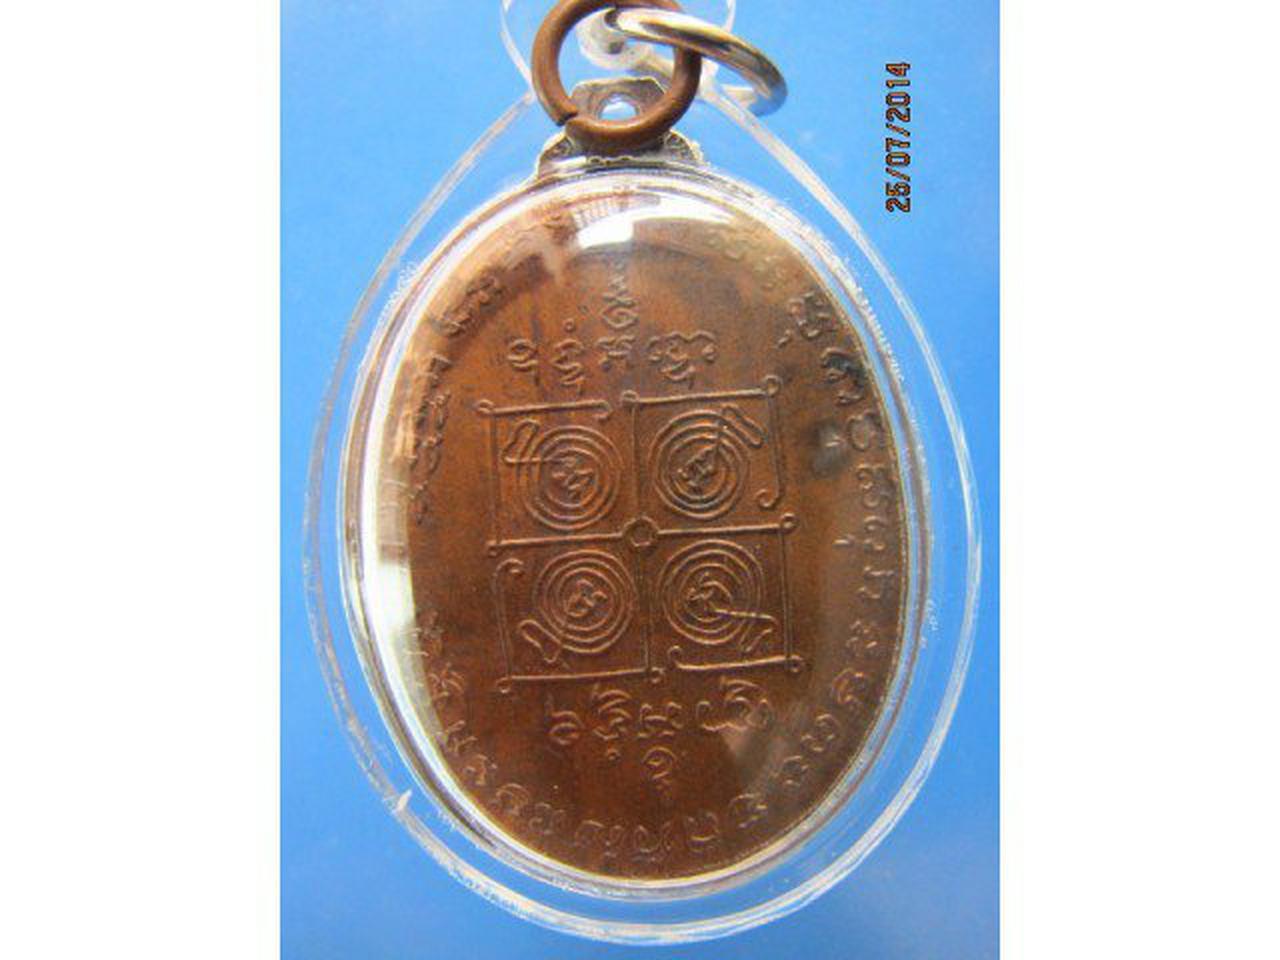 14 เหรียญรุ่นแรกหลวงพ่ออบ วัดถ้ำแก้ว ปี 2516 จ.เพชรบุรี เนื้อนวะโลหะ รูปที่ 1